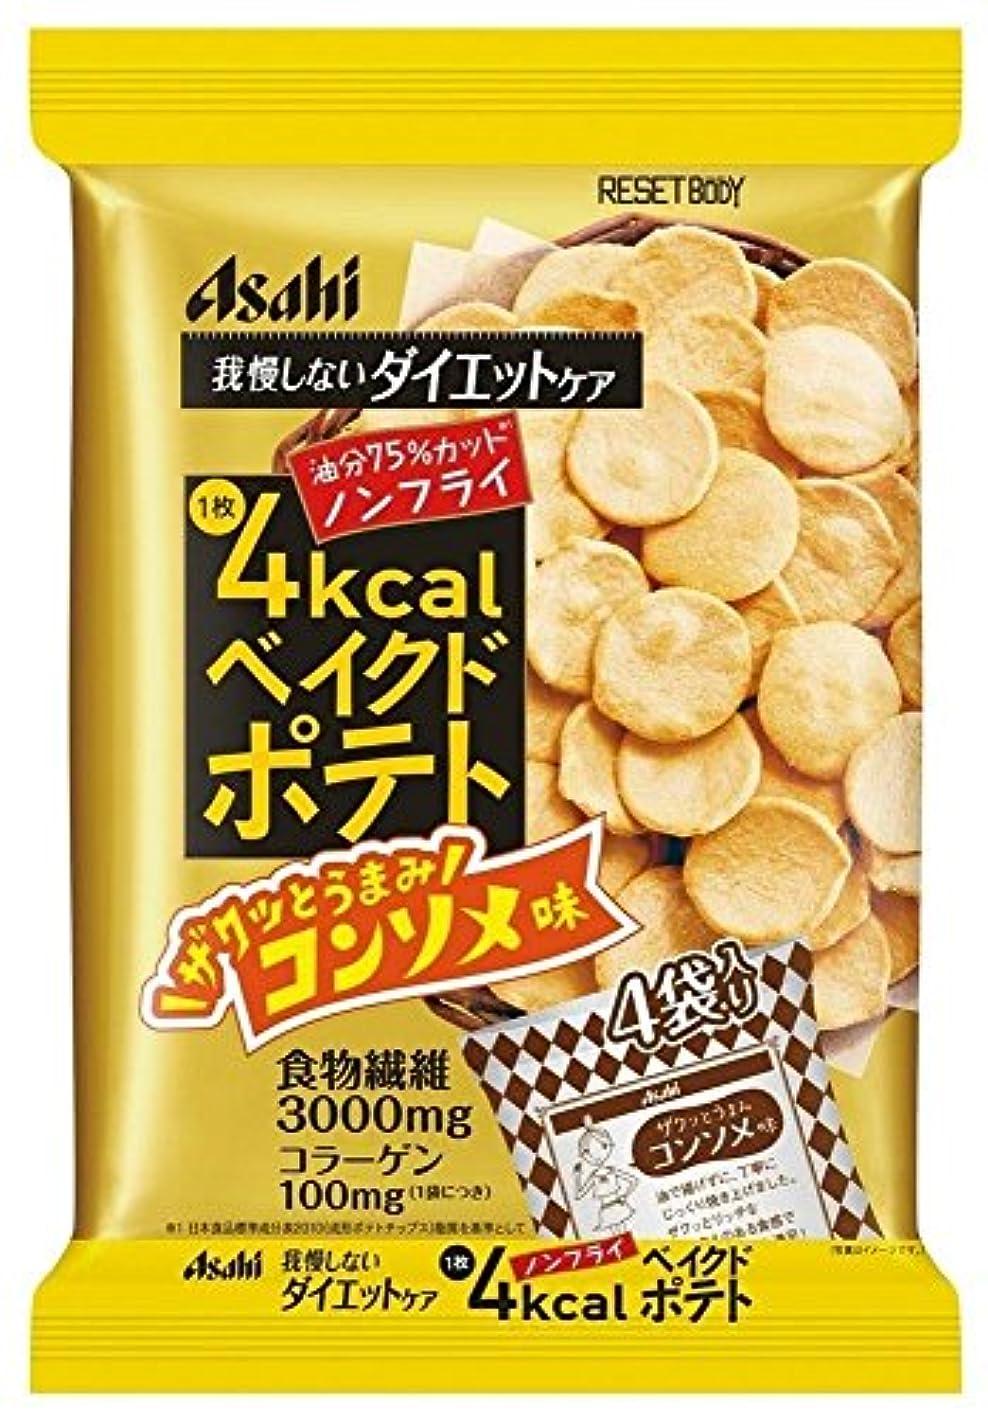 溝熱望するナチュラルアサヒグループ食品 リセットボディ ベイクドポテトコンソメ味 66g